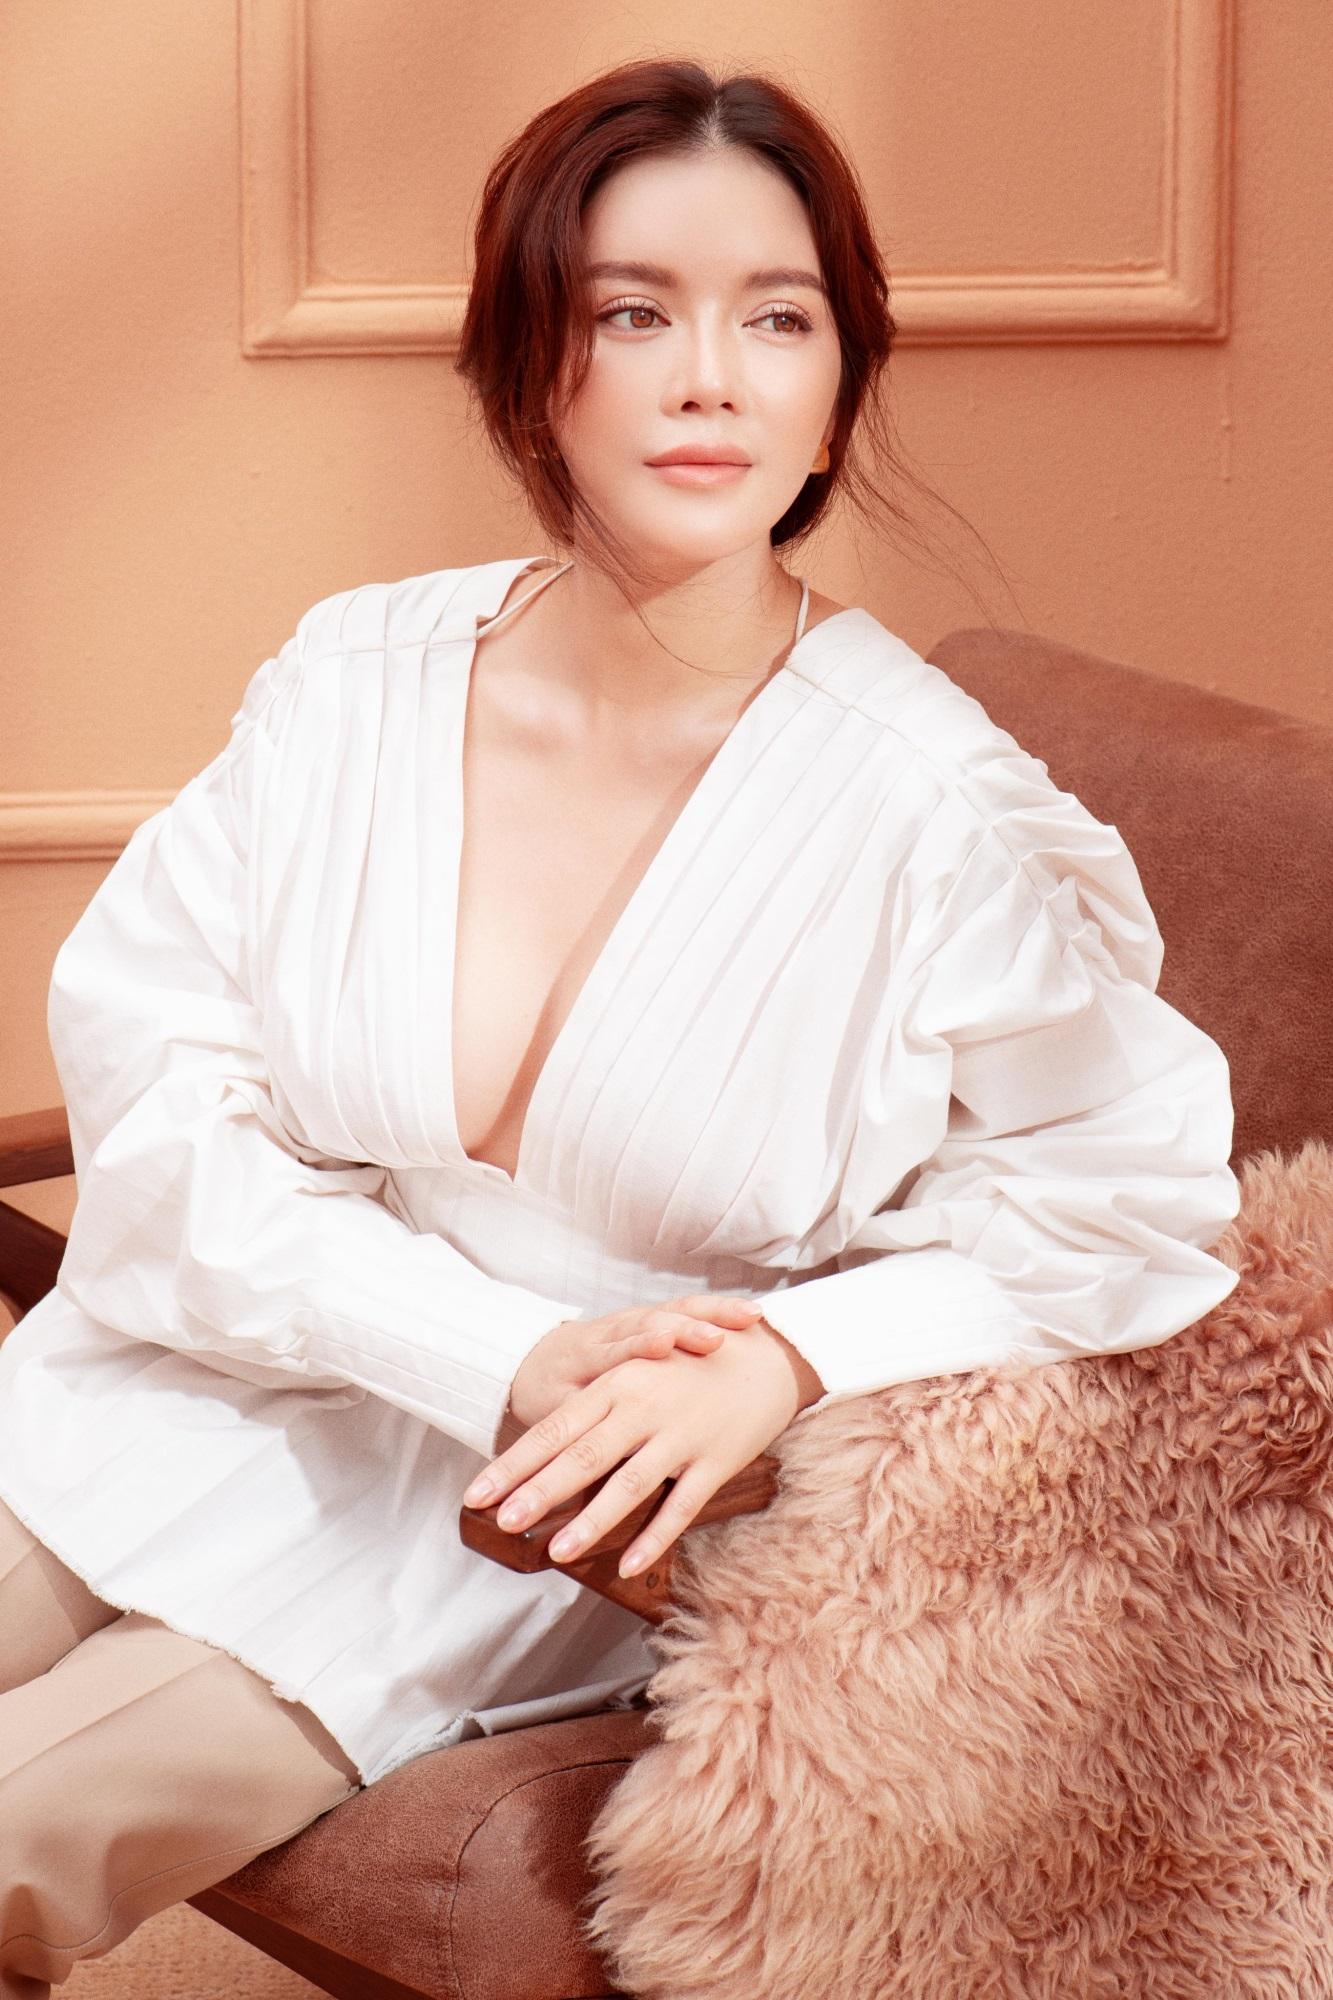 'Nữ hoàng kim cương' Lý Nhã Kỳ khiến fan mê mệt khi diện trang phục xẻ ngực gợi cảm - Ảnh 11